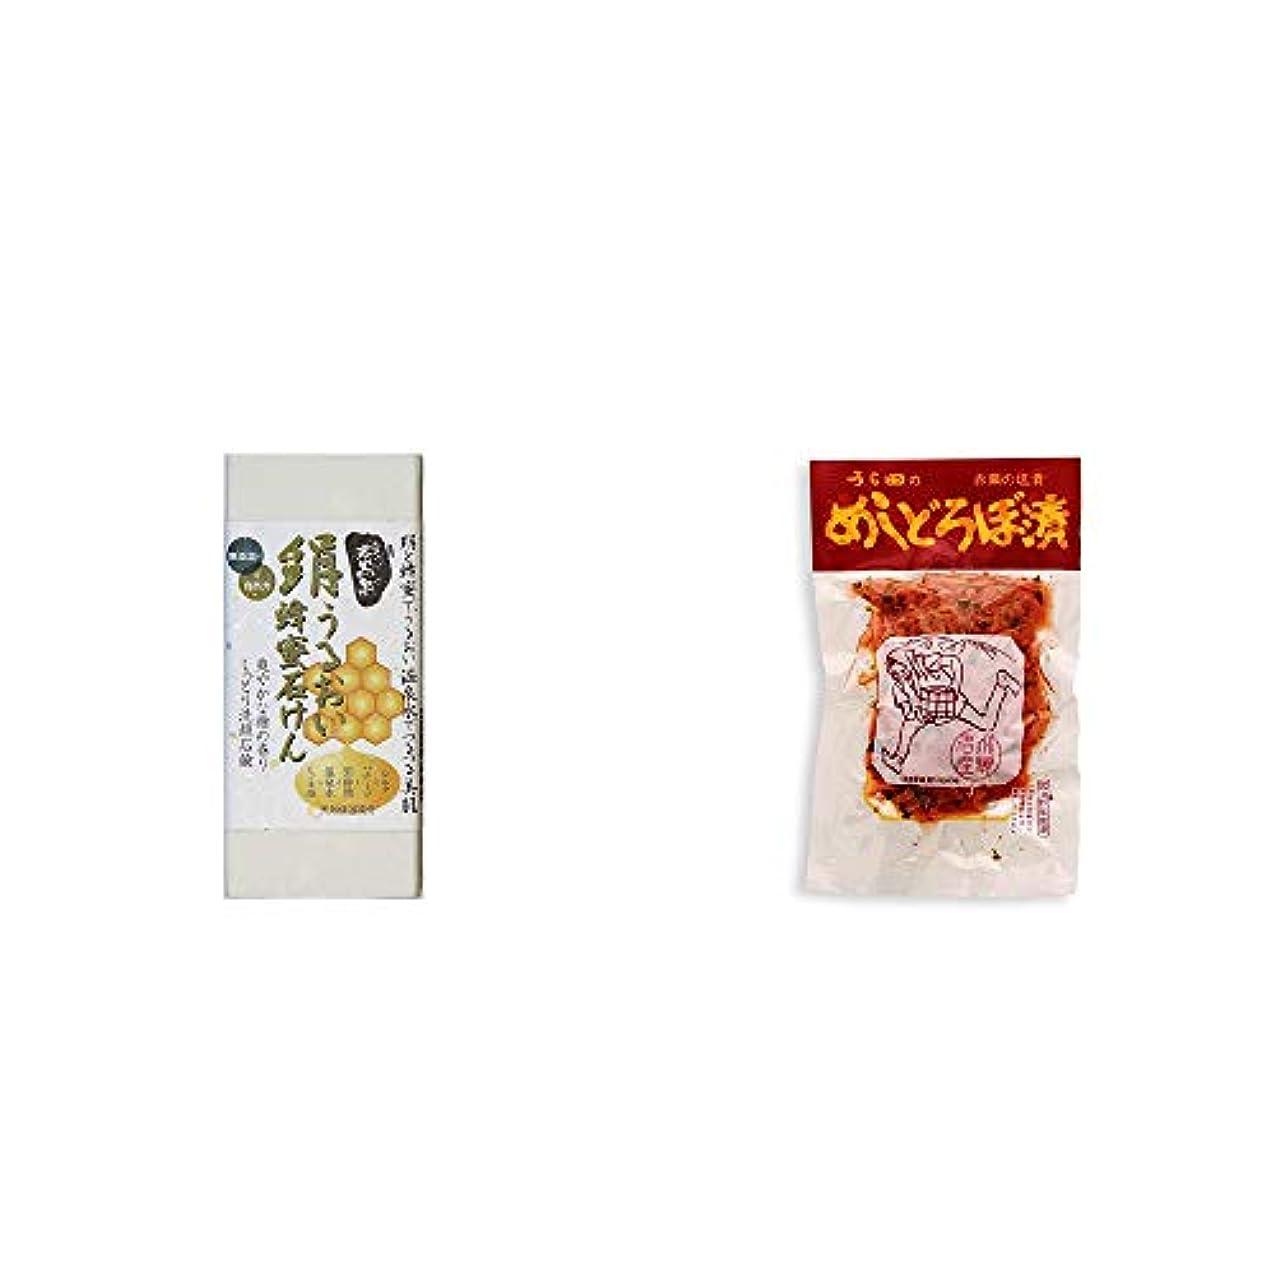 スペクトラム分散クリープ[2点セット] ひのき炭黒泉 絹うるおい蜂蜜石けん(75g×2)?うら田 めしどろぼ漬(180g)